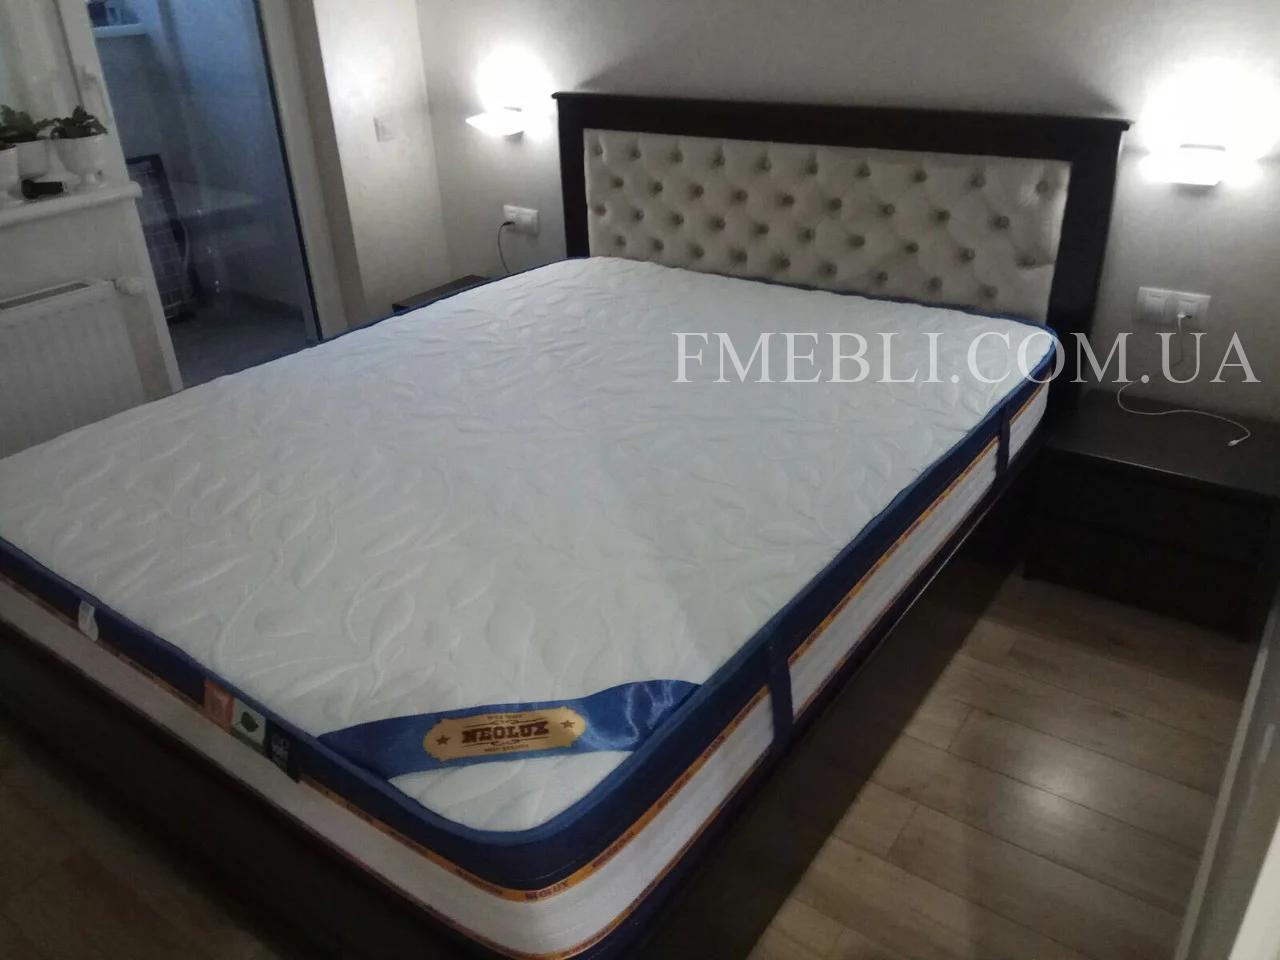 Ліжко ЛОРД М50 з механізмом ЛЕВ 3